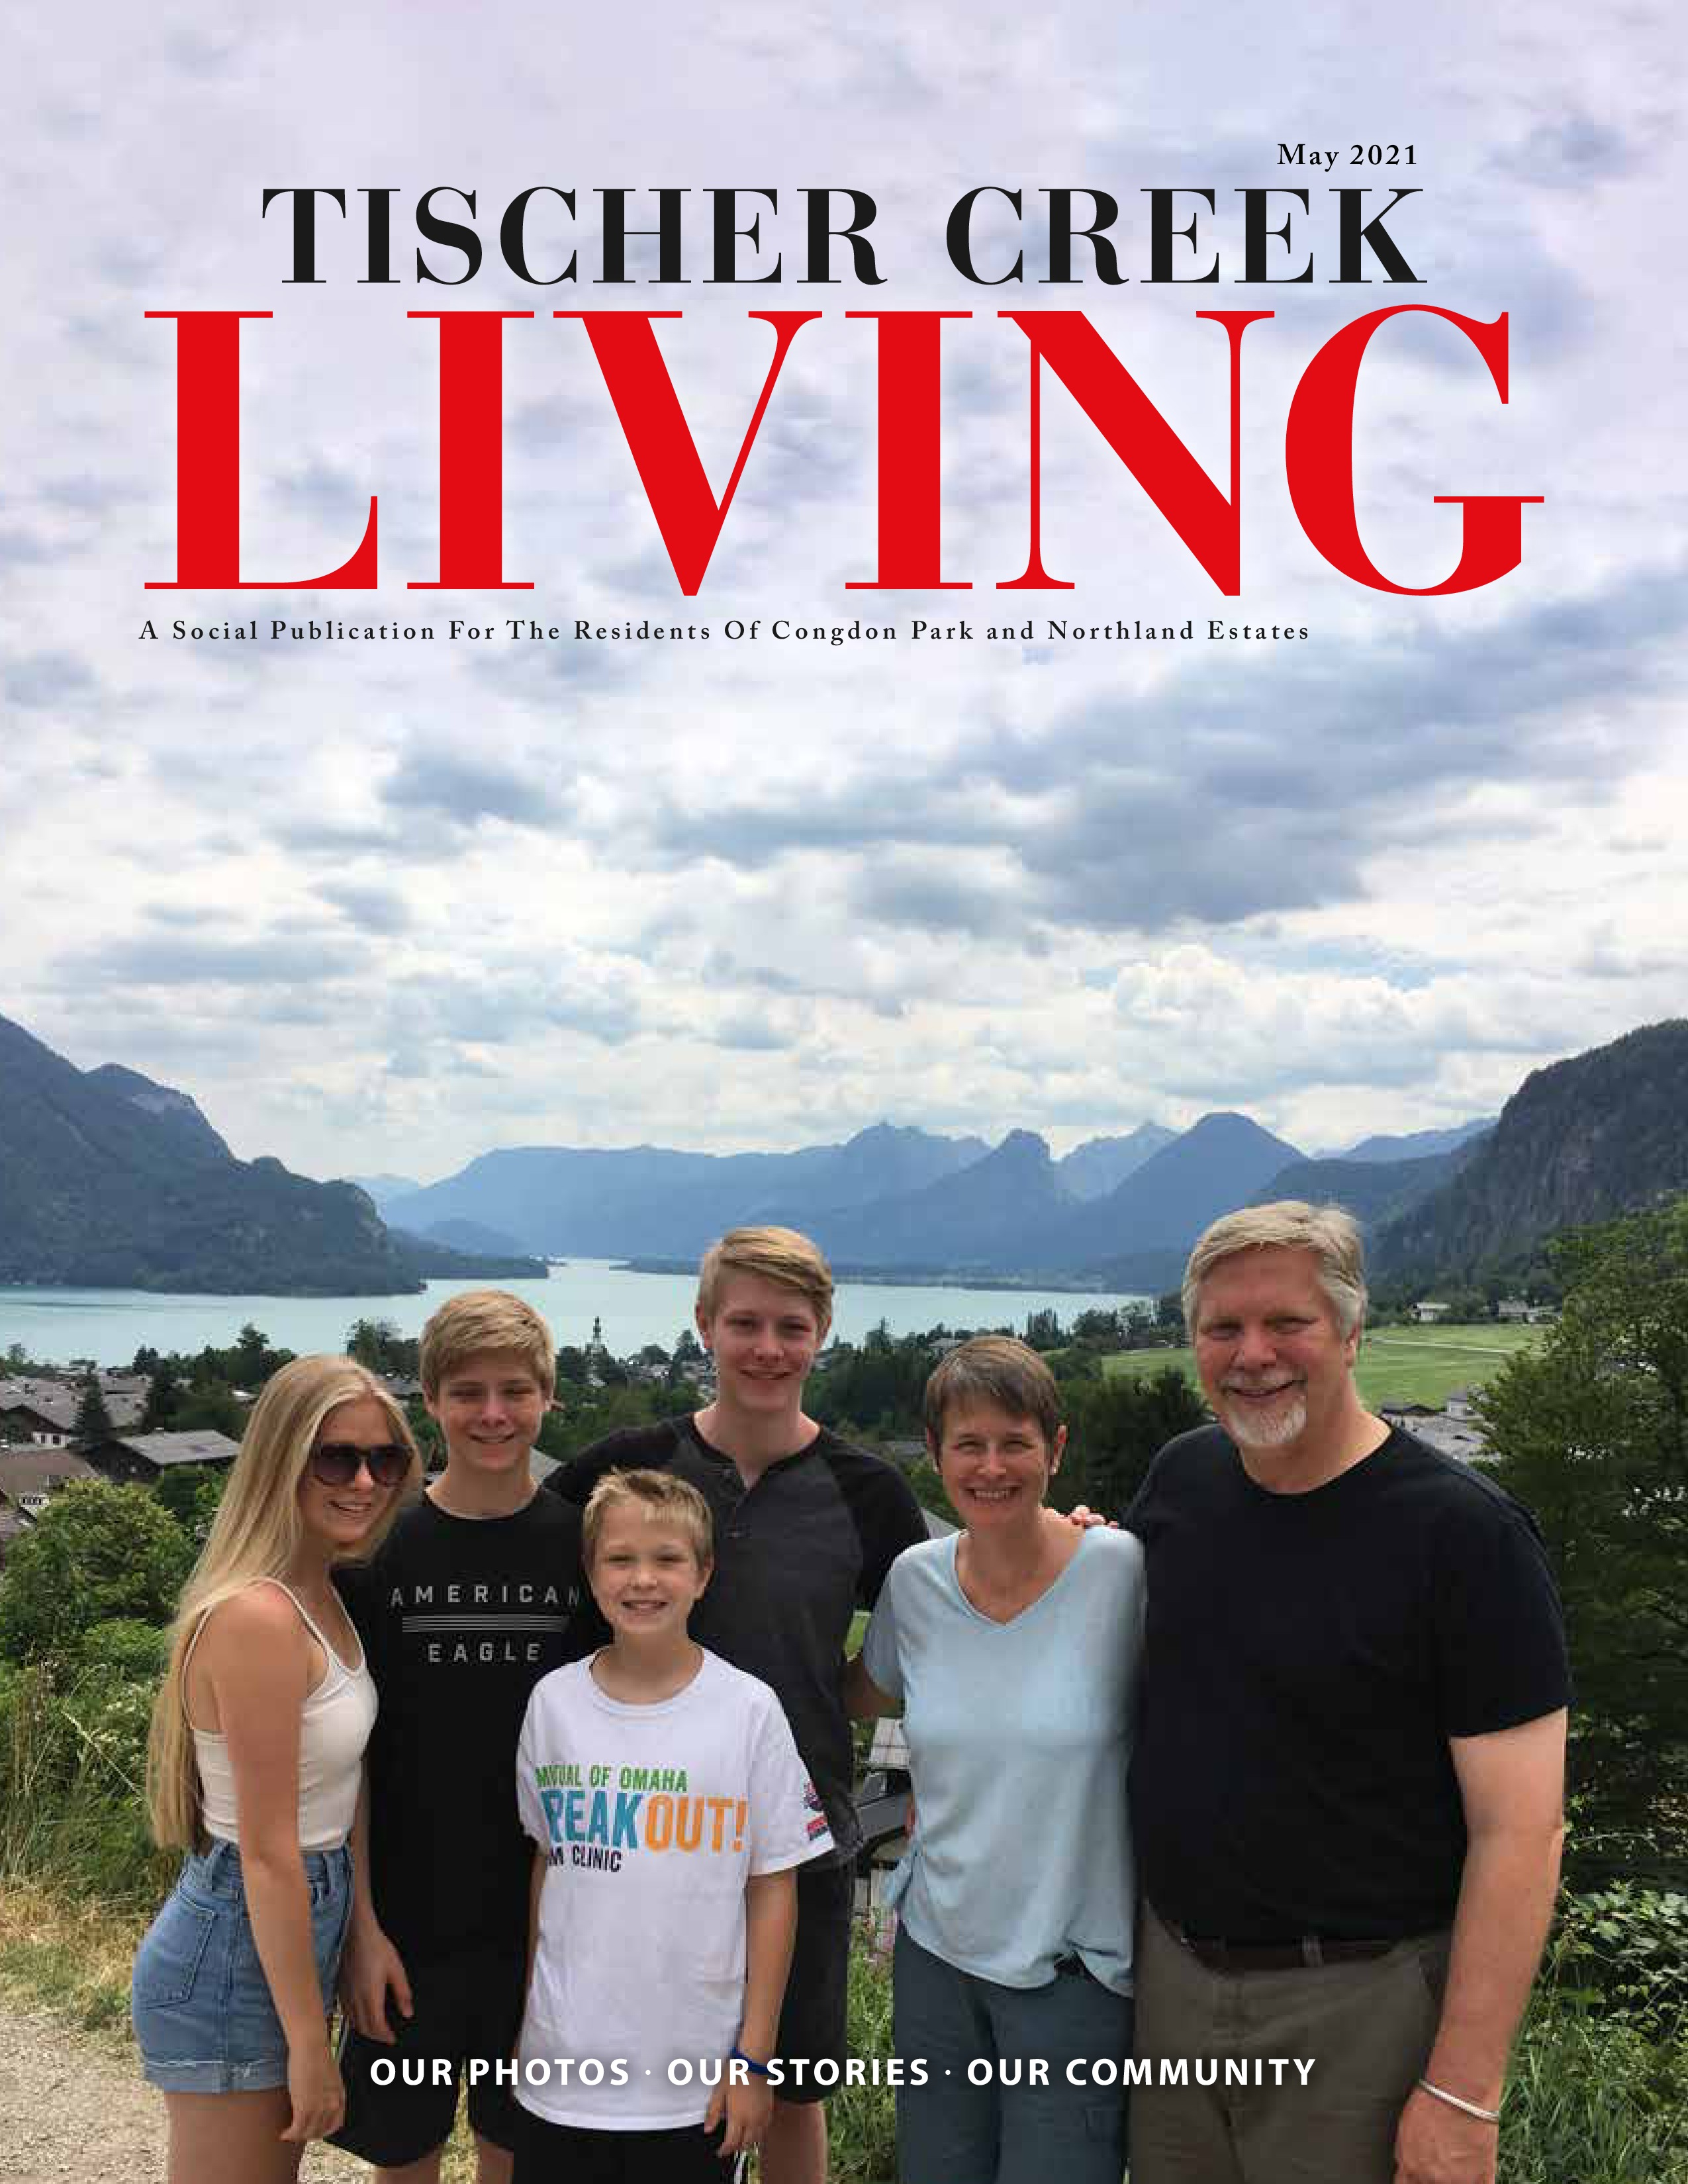 Tischer Creek Living 2021-05-01